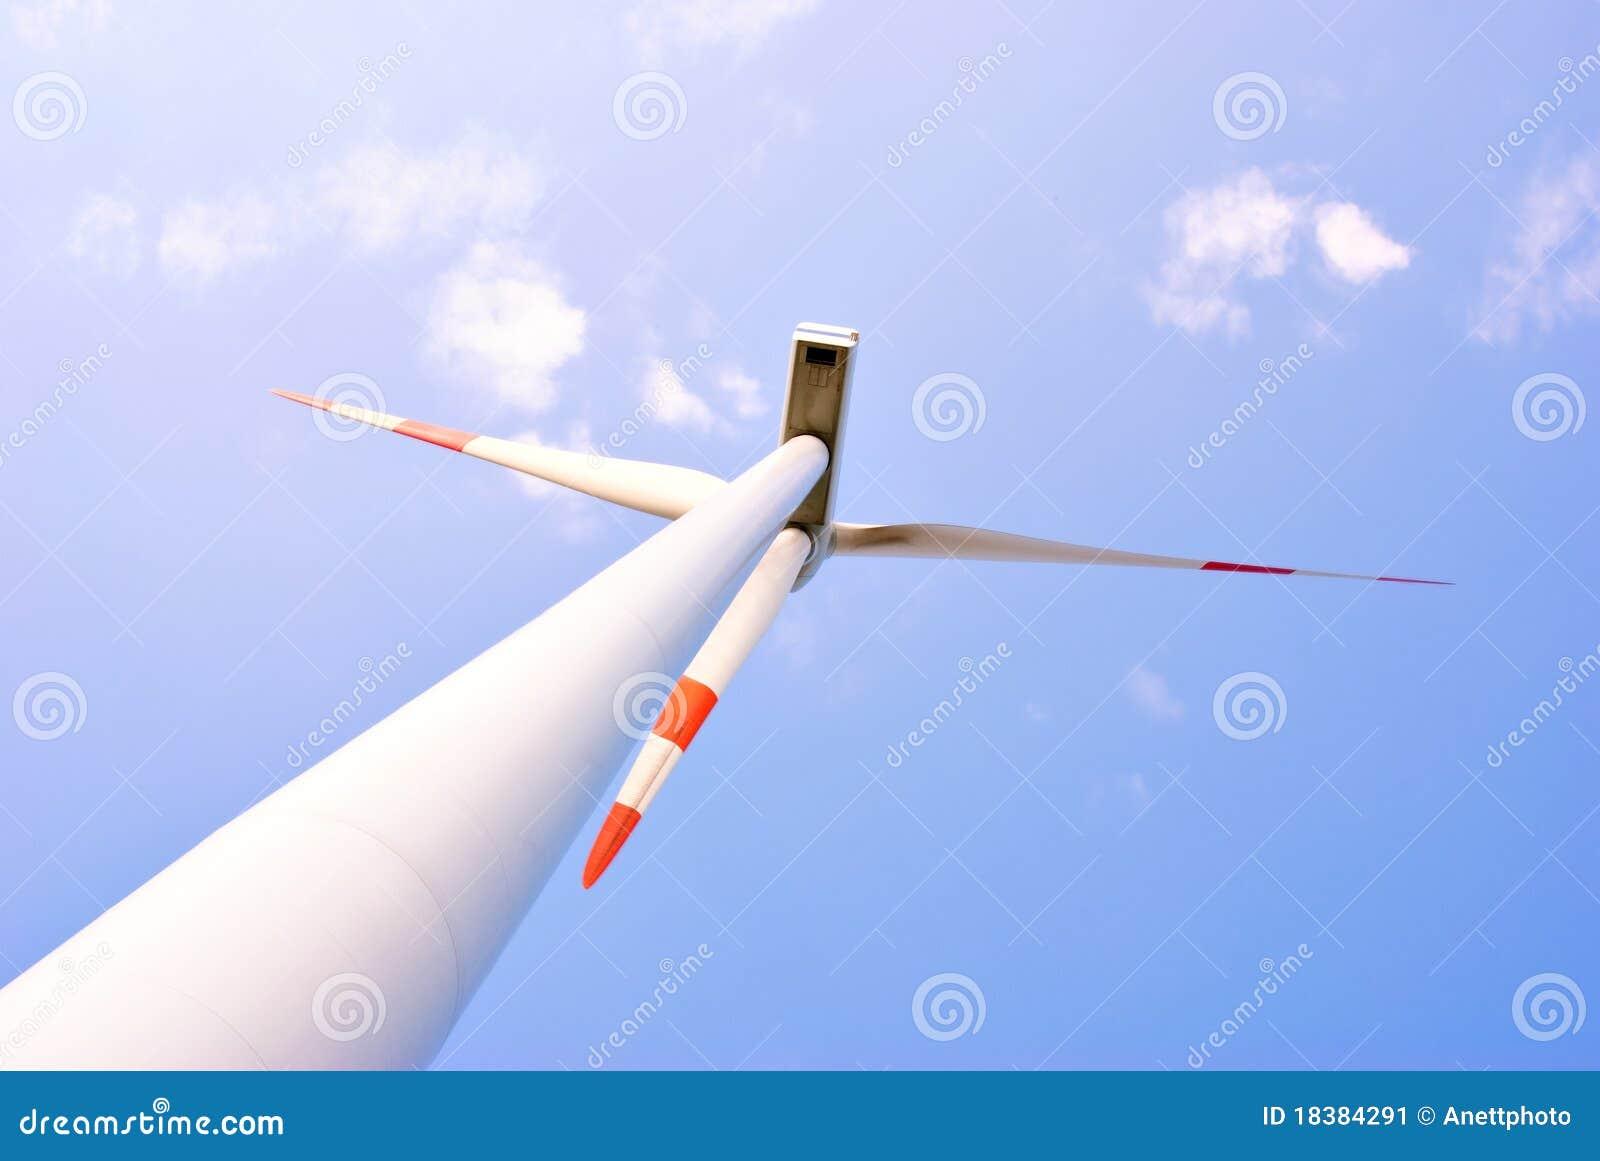 ветер турбины электростанции энергии